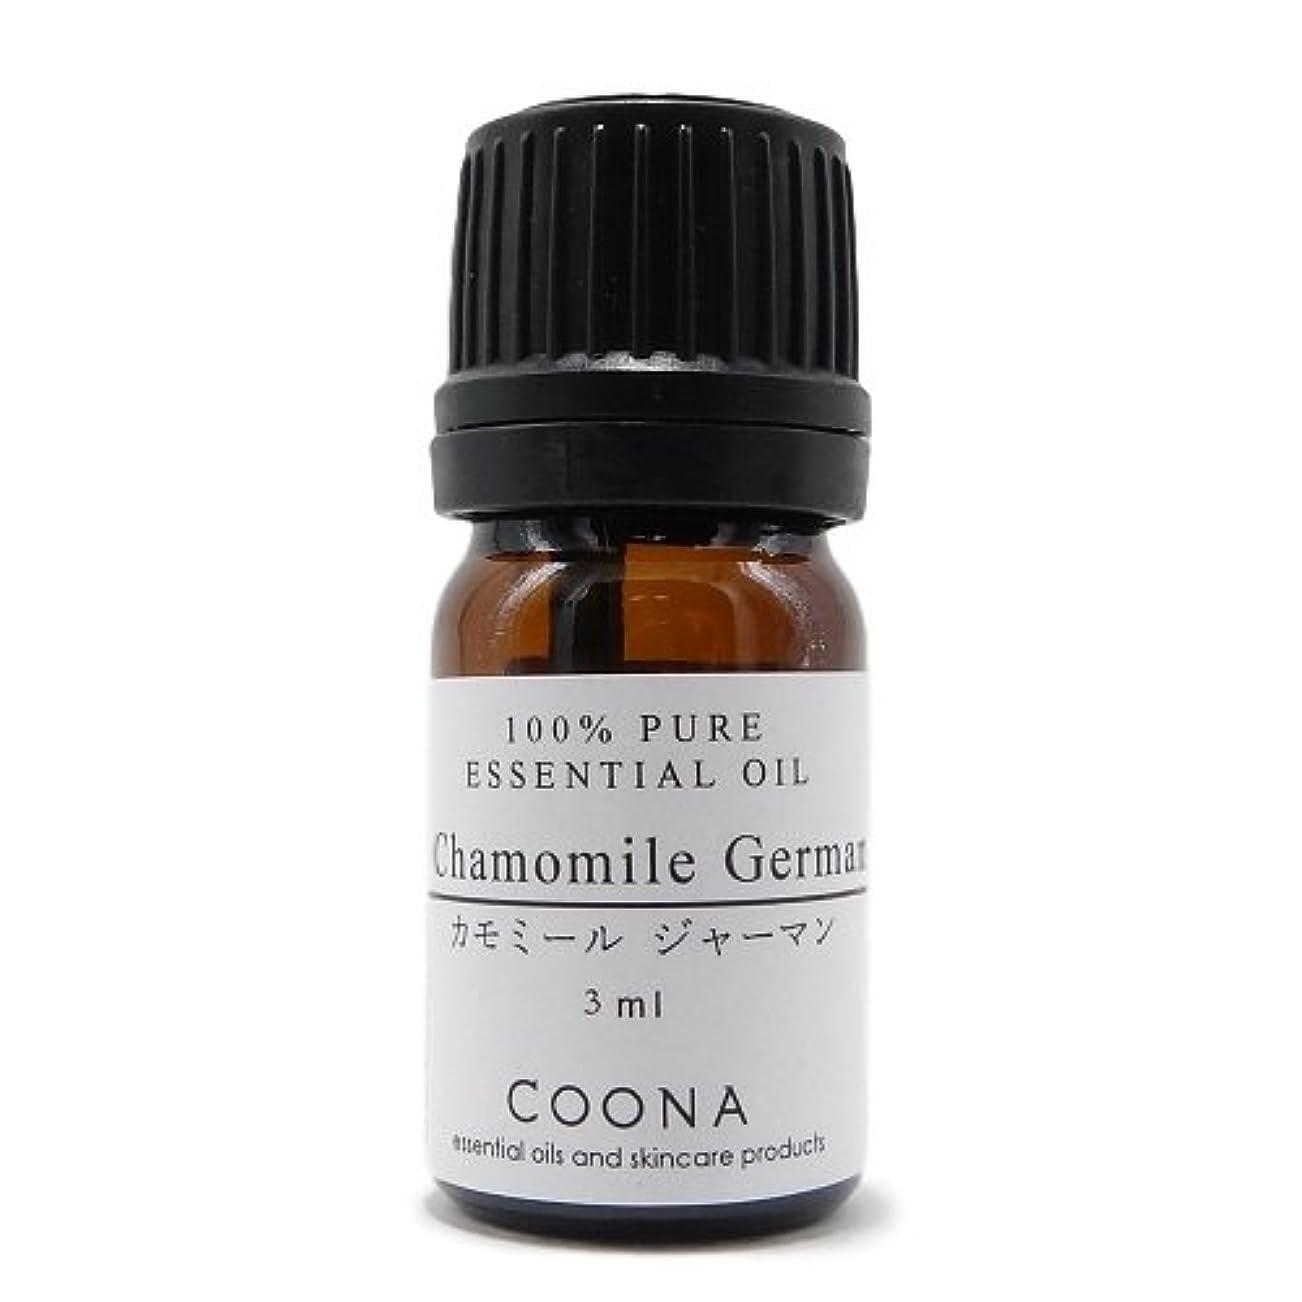 アクティブ吸い込む分割カモミール ジャーマン 3 ml (COONA エッセンシャルオイル アロマオイル 100% 天然植物精油)